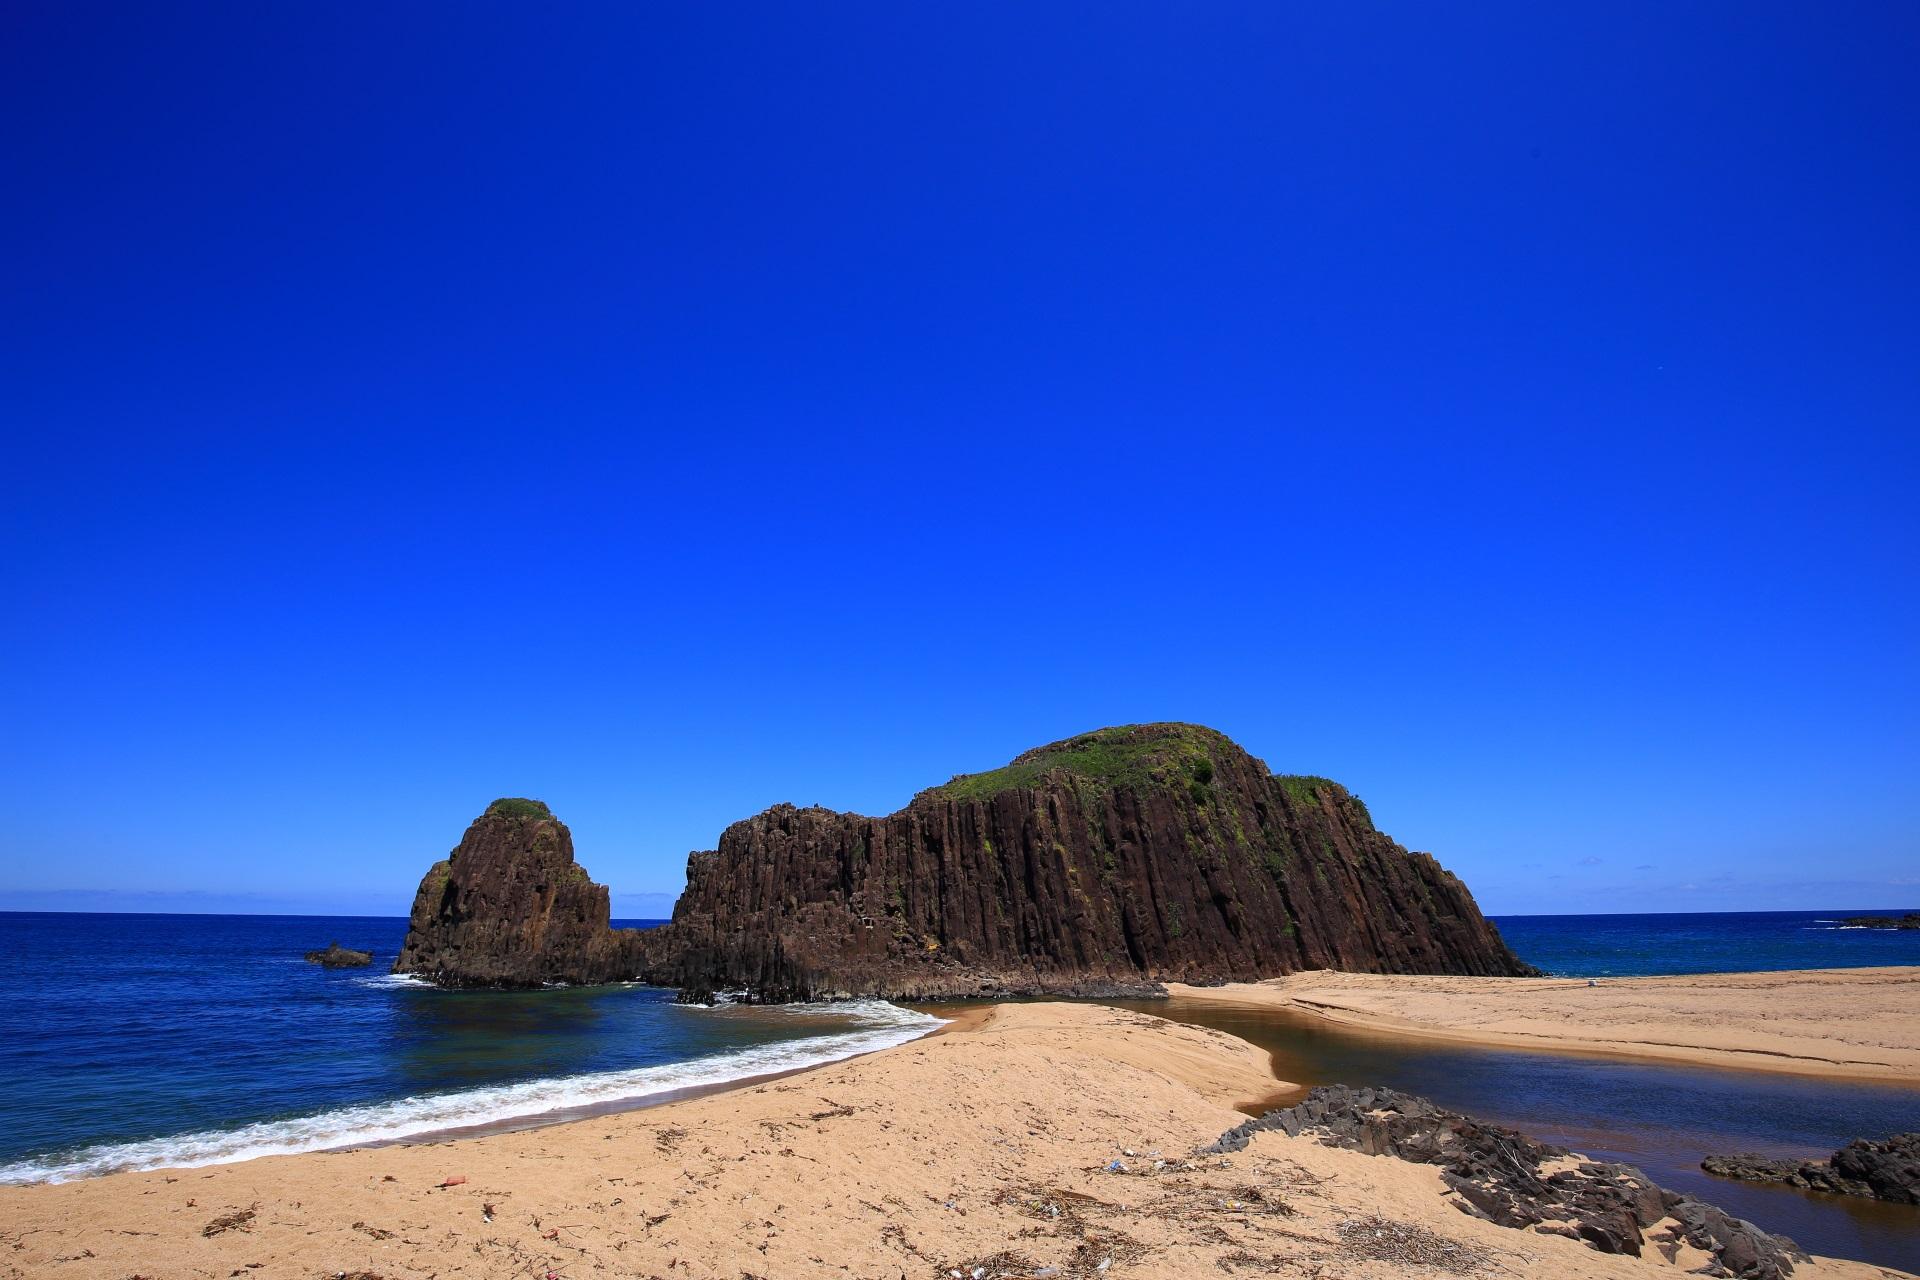 一生もんの京丹後の名所である立岩と青い空と海